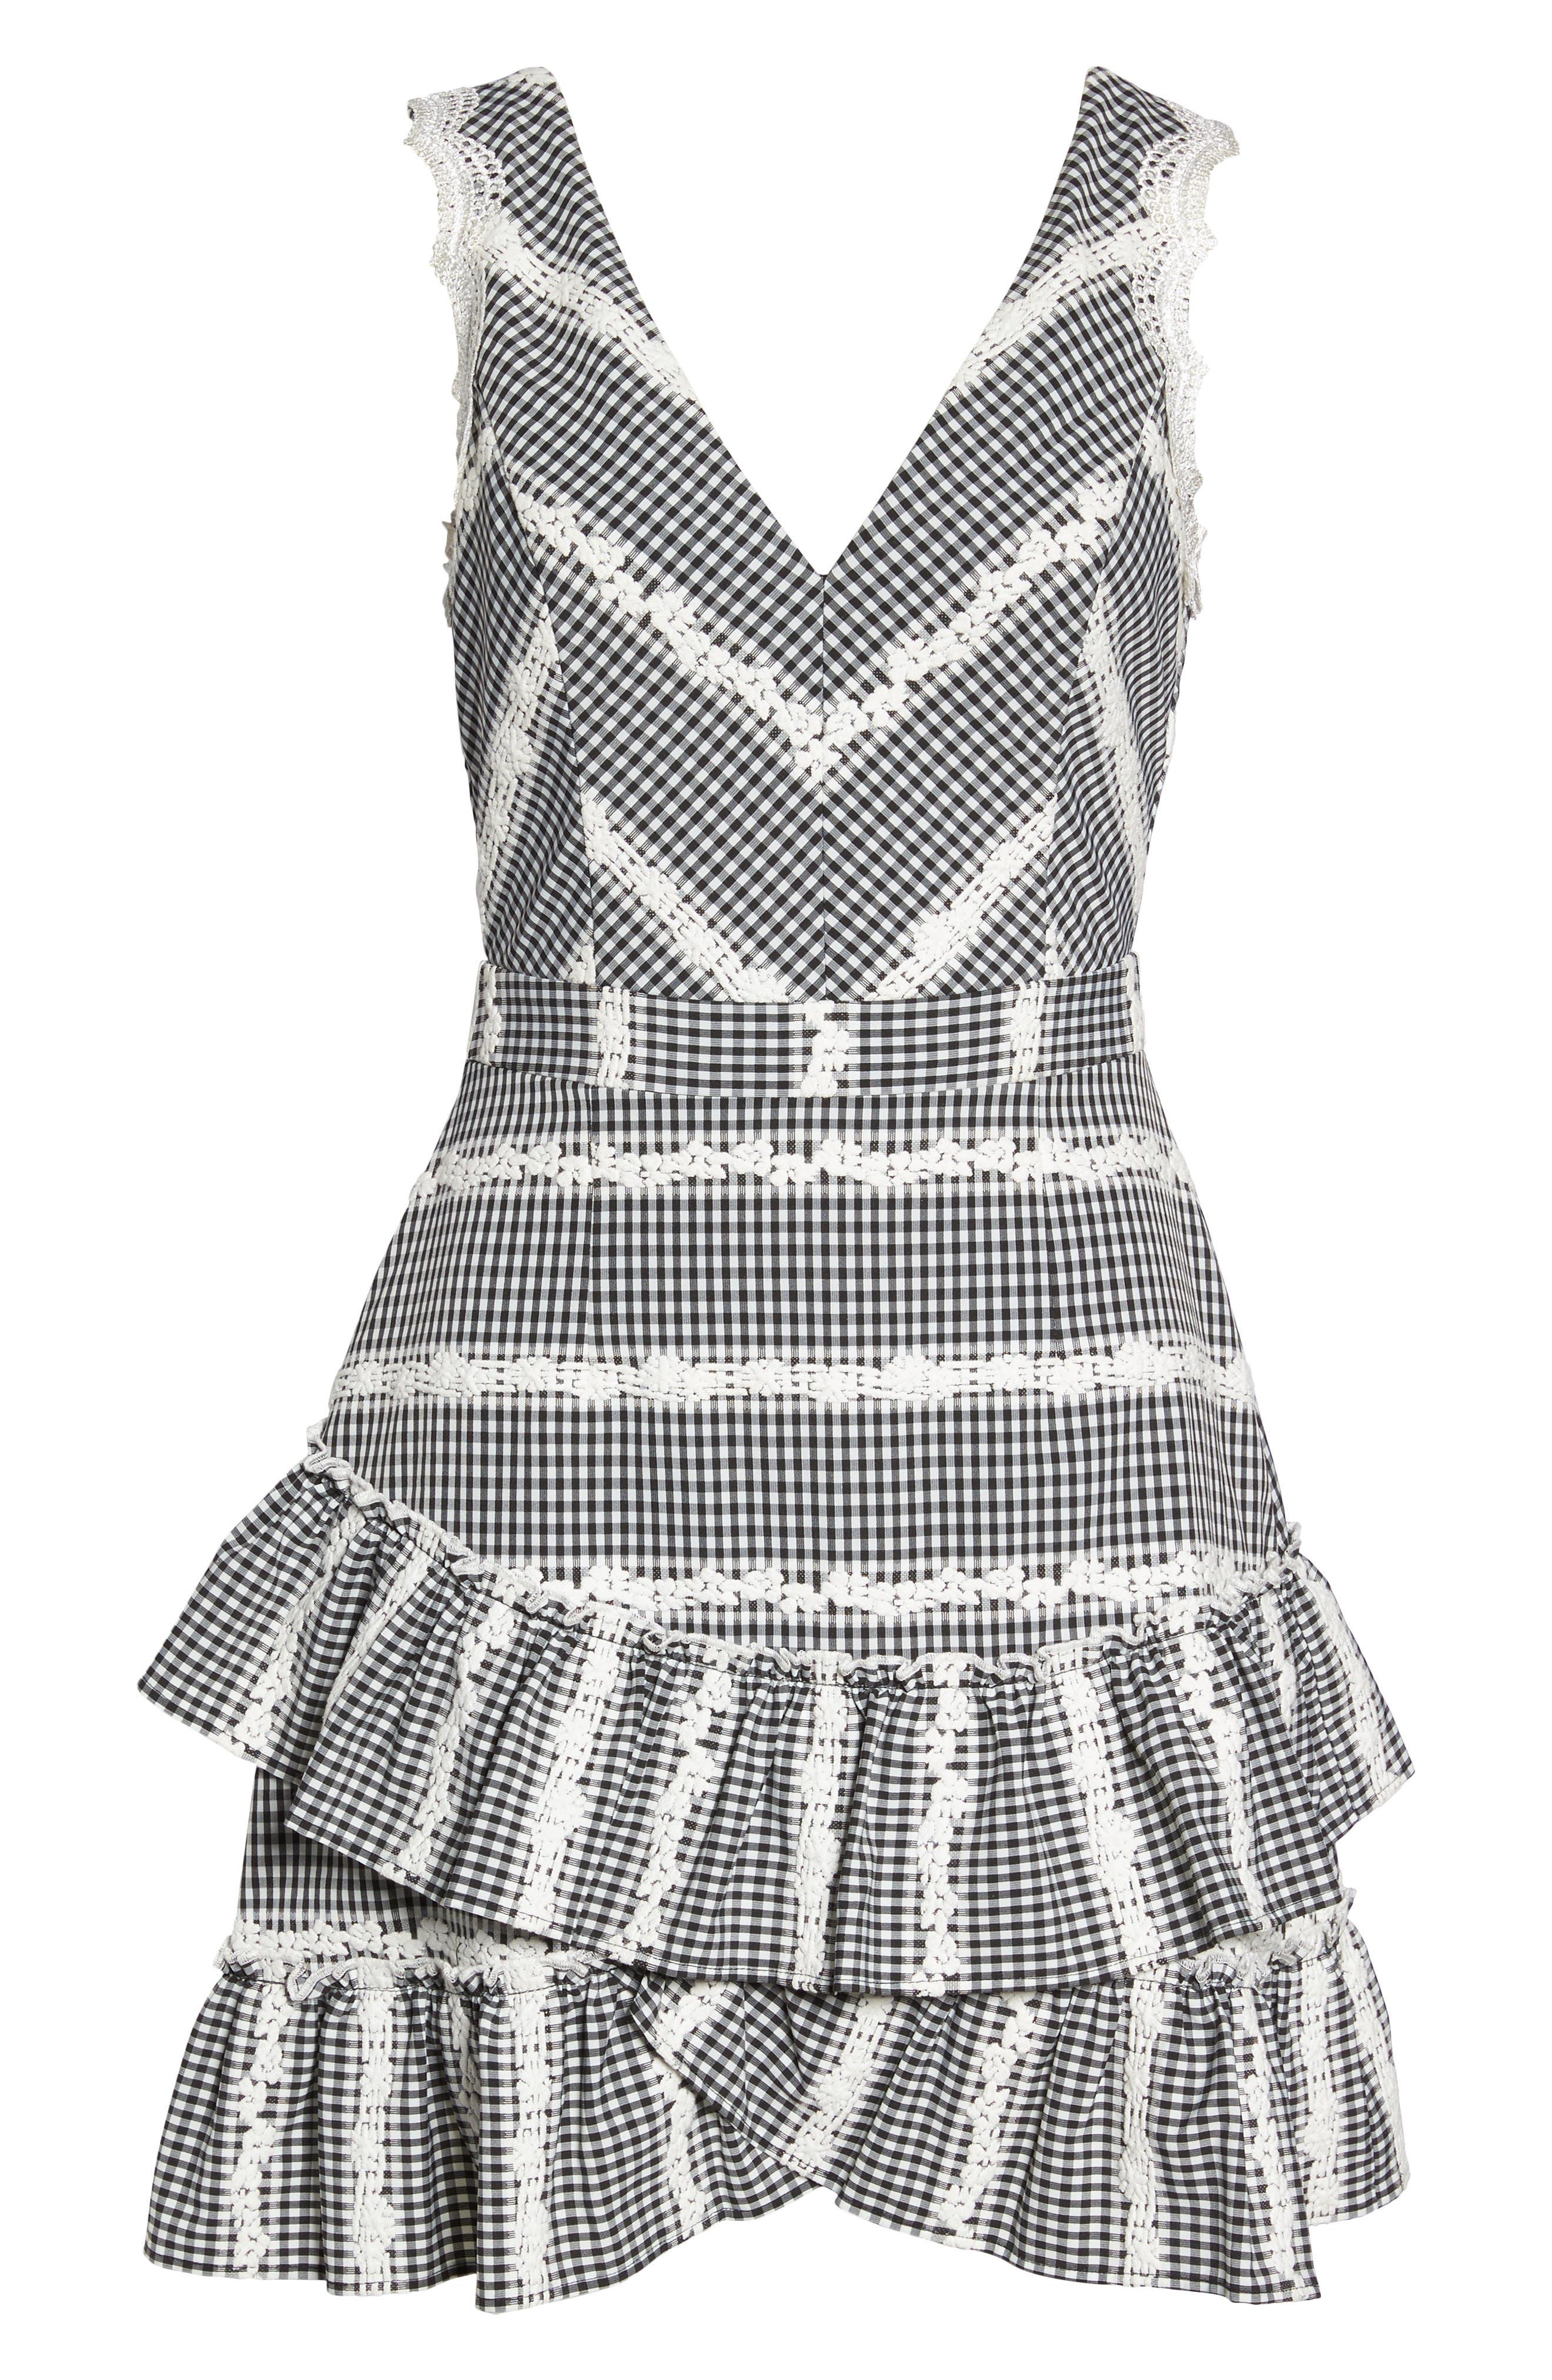 Belle Ruffle Gingham Dress,                             Alternate thumbnail 6, color,                             Black/ White